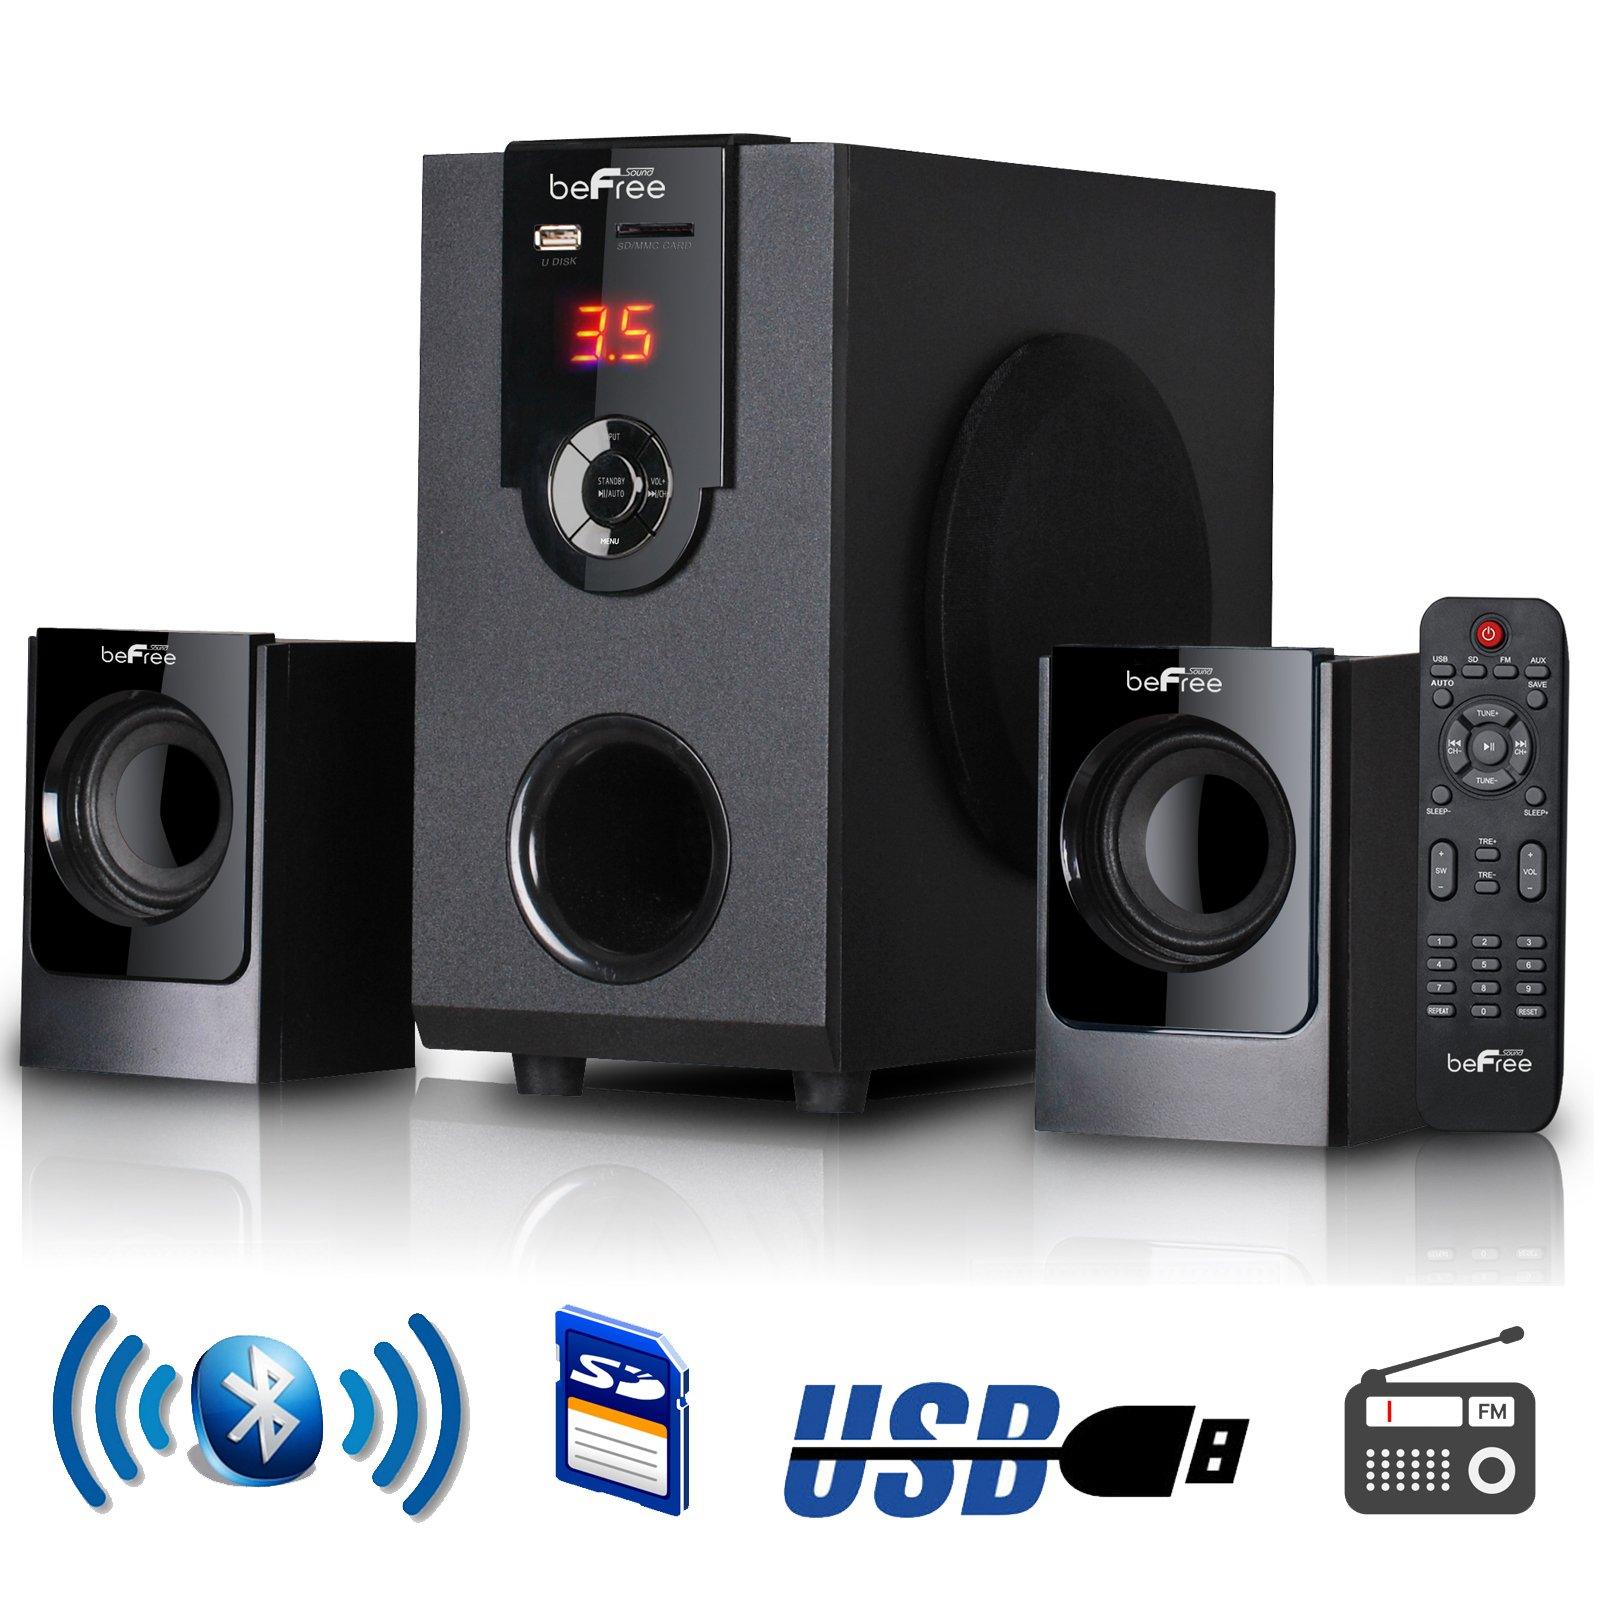 beFree Sound 2.1 Channel Surround Sound Bluetooth Speaker System by beFree Sound